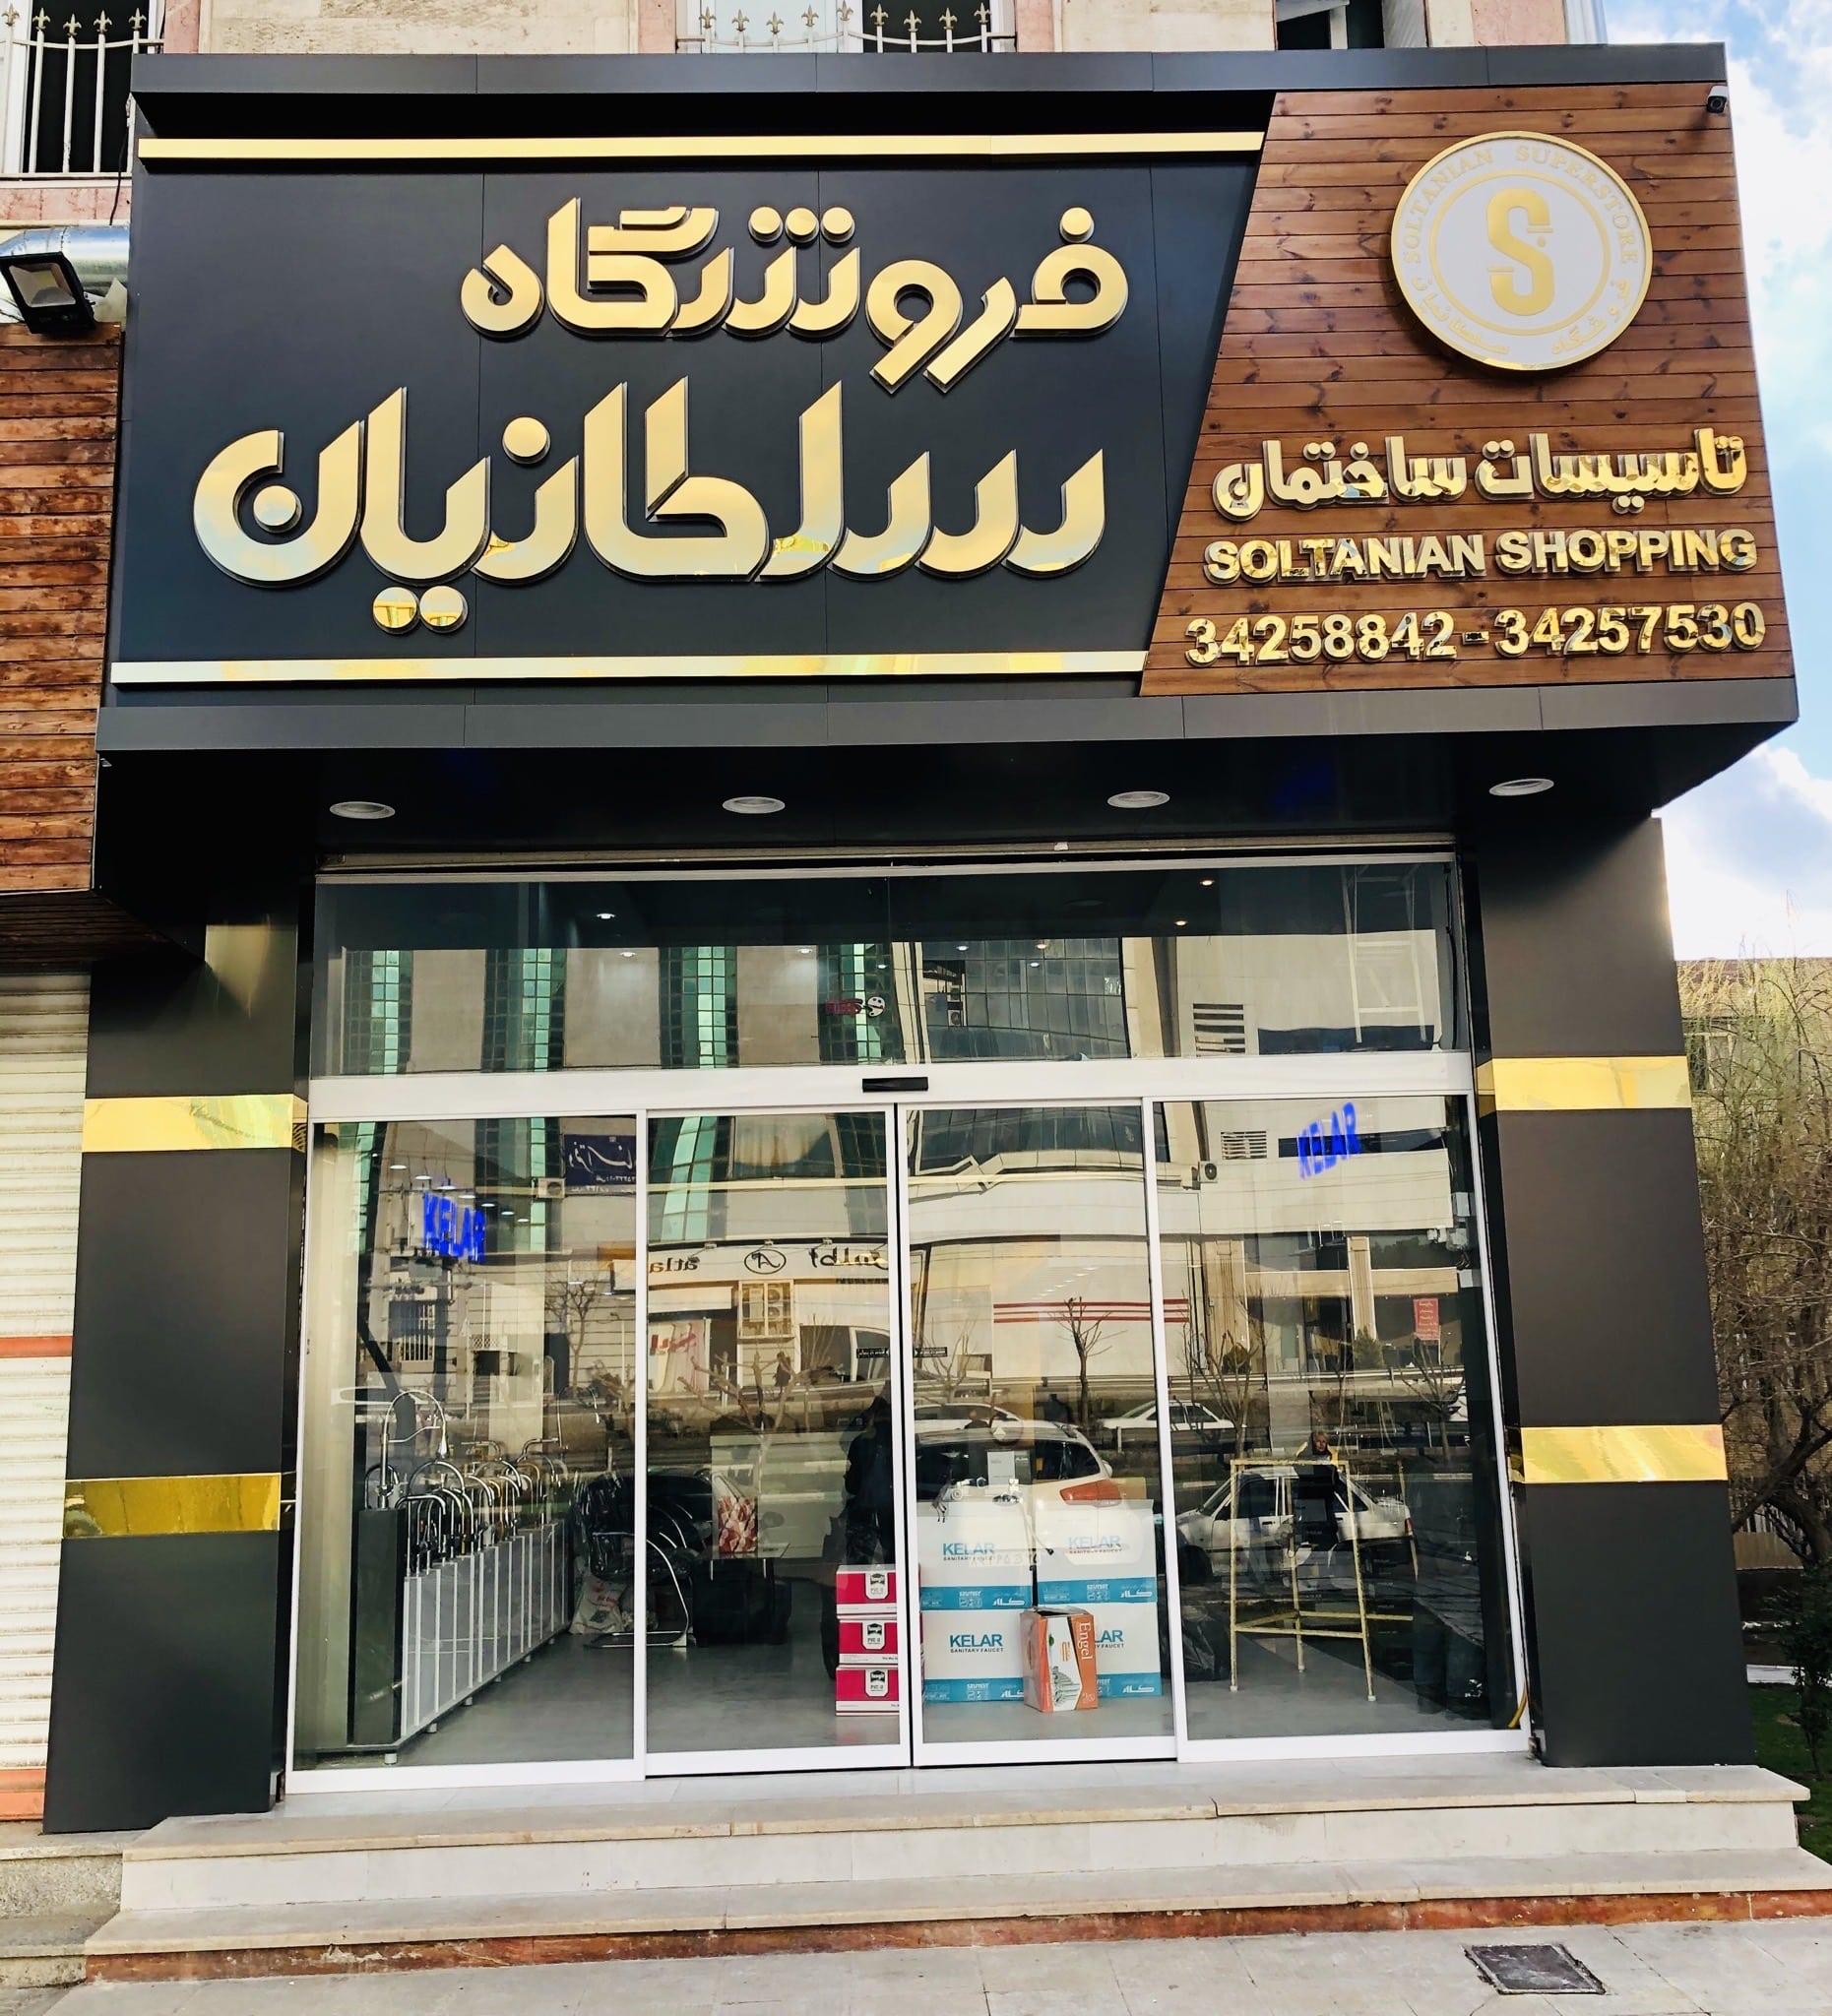 فروشگاه سلطانیان توزیع کننده اقلام مرتبط با تاسیسات ساختمان